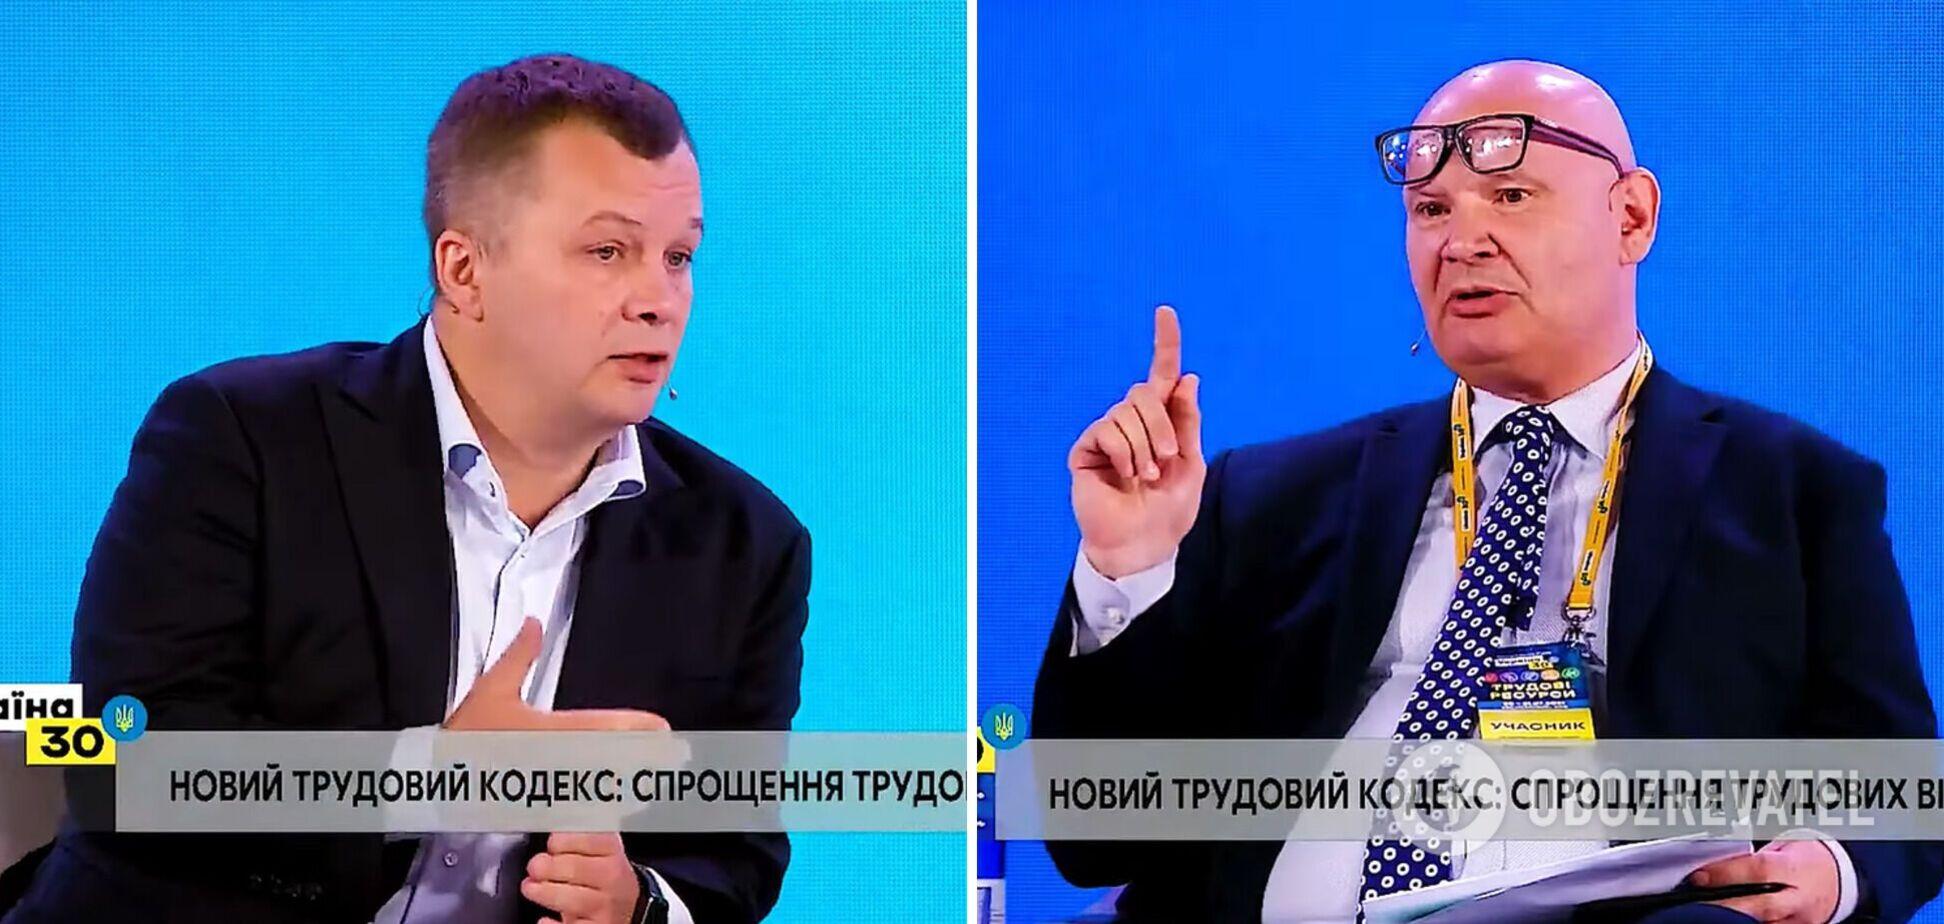 Пьотр Кульпа бросил 'вызов' Тимофею Милованову